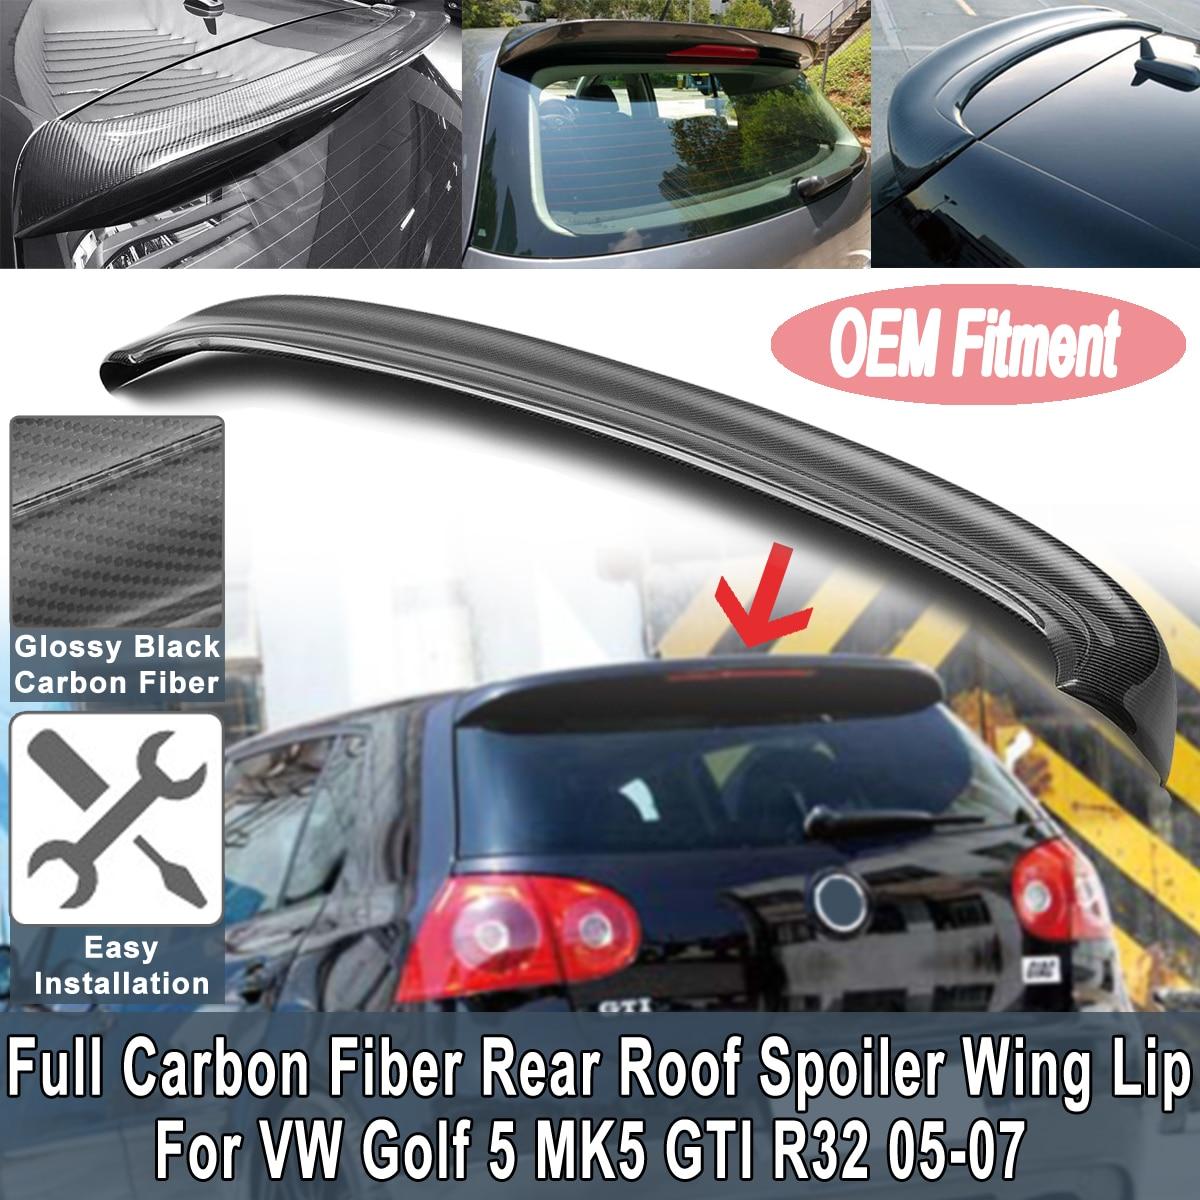 Full Carbon Fiber Rear Roof Spoiler Wing Lip Primer Rear Window Spoiler For Volkswagen for VW Golf 5 MK5 GTI R32 2005 2007